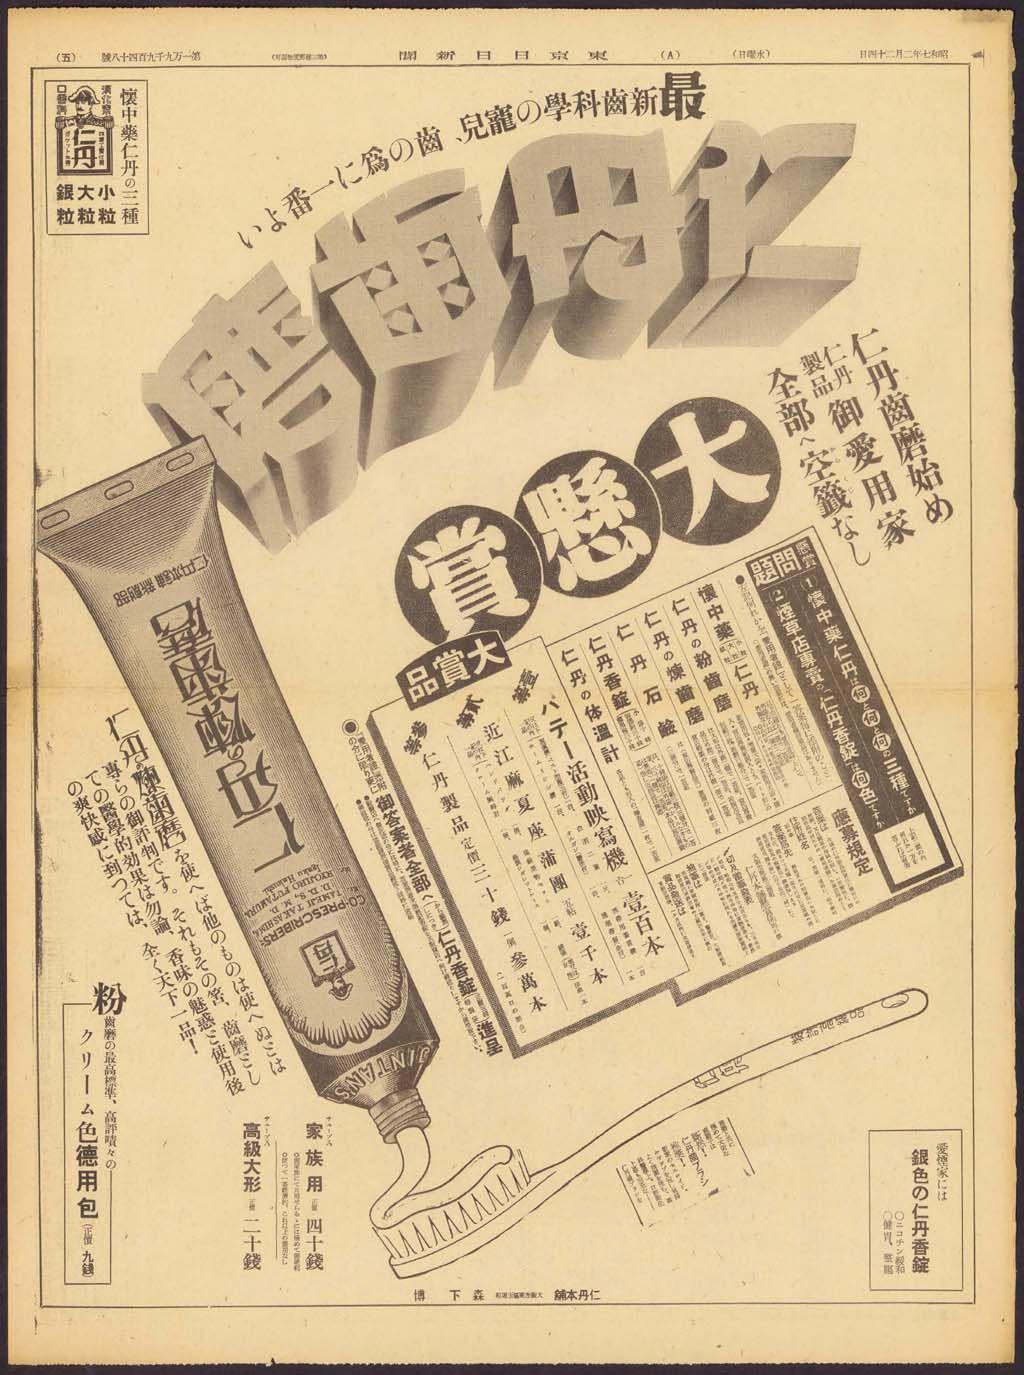 東京日日新聞 第 19948 号 5 面 昭和 7 年 2 月 24 日発行 東京 東京日日新聞発行所 大阪毎日新聞社東京支店 540 400 the tokyo nichinichi shimbun no 19948 vintage japanese japanese design soap images